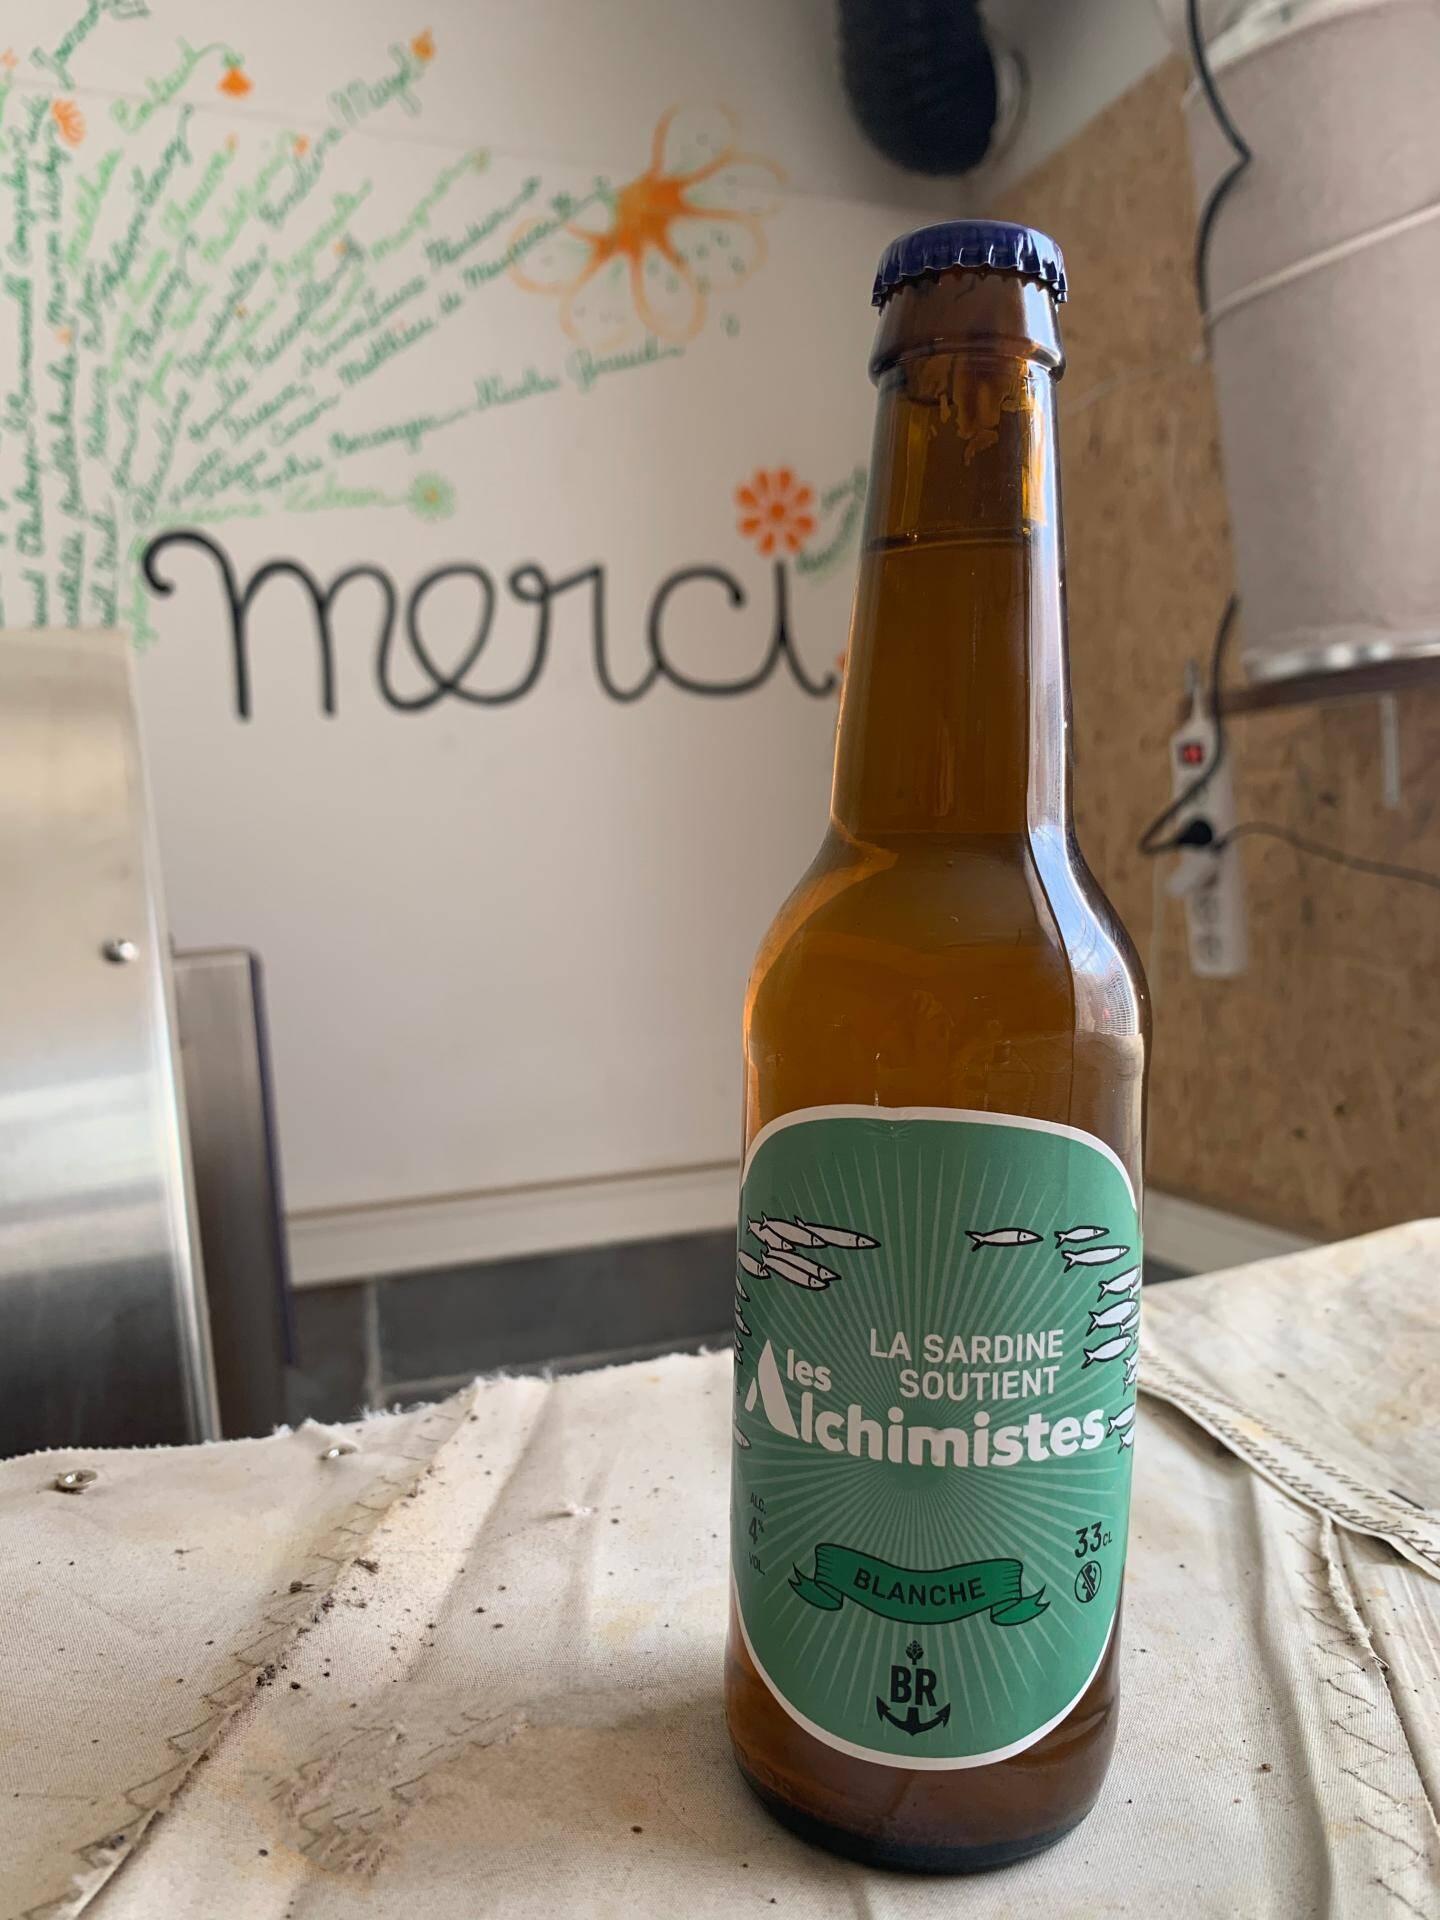 """Une bouteille qui porte l'étiquette des """"Alchimistes""""."""